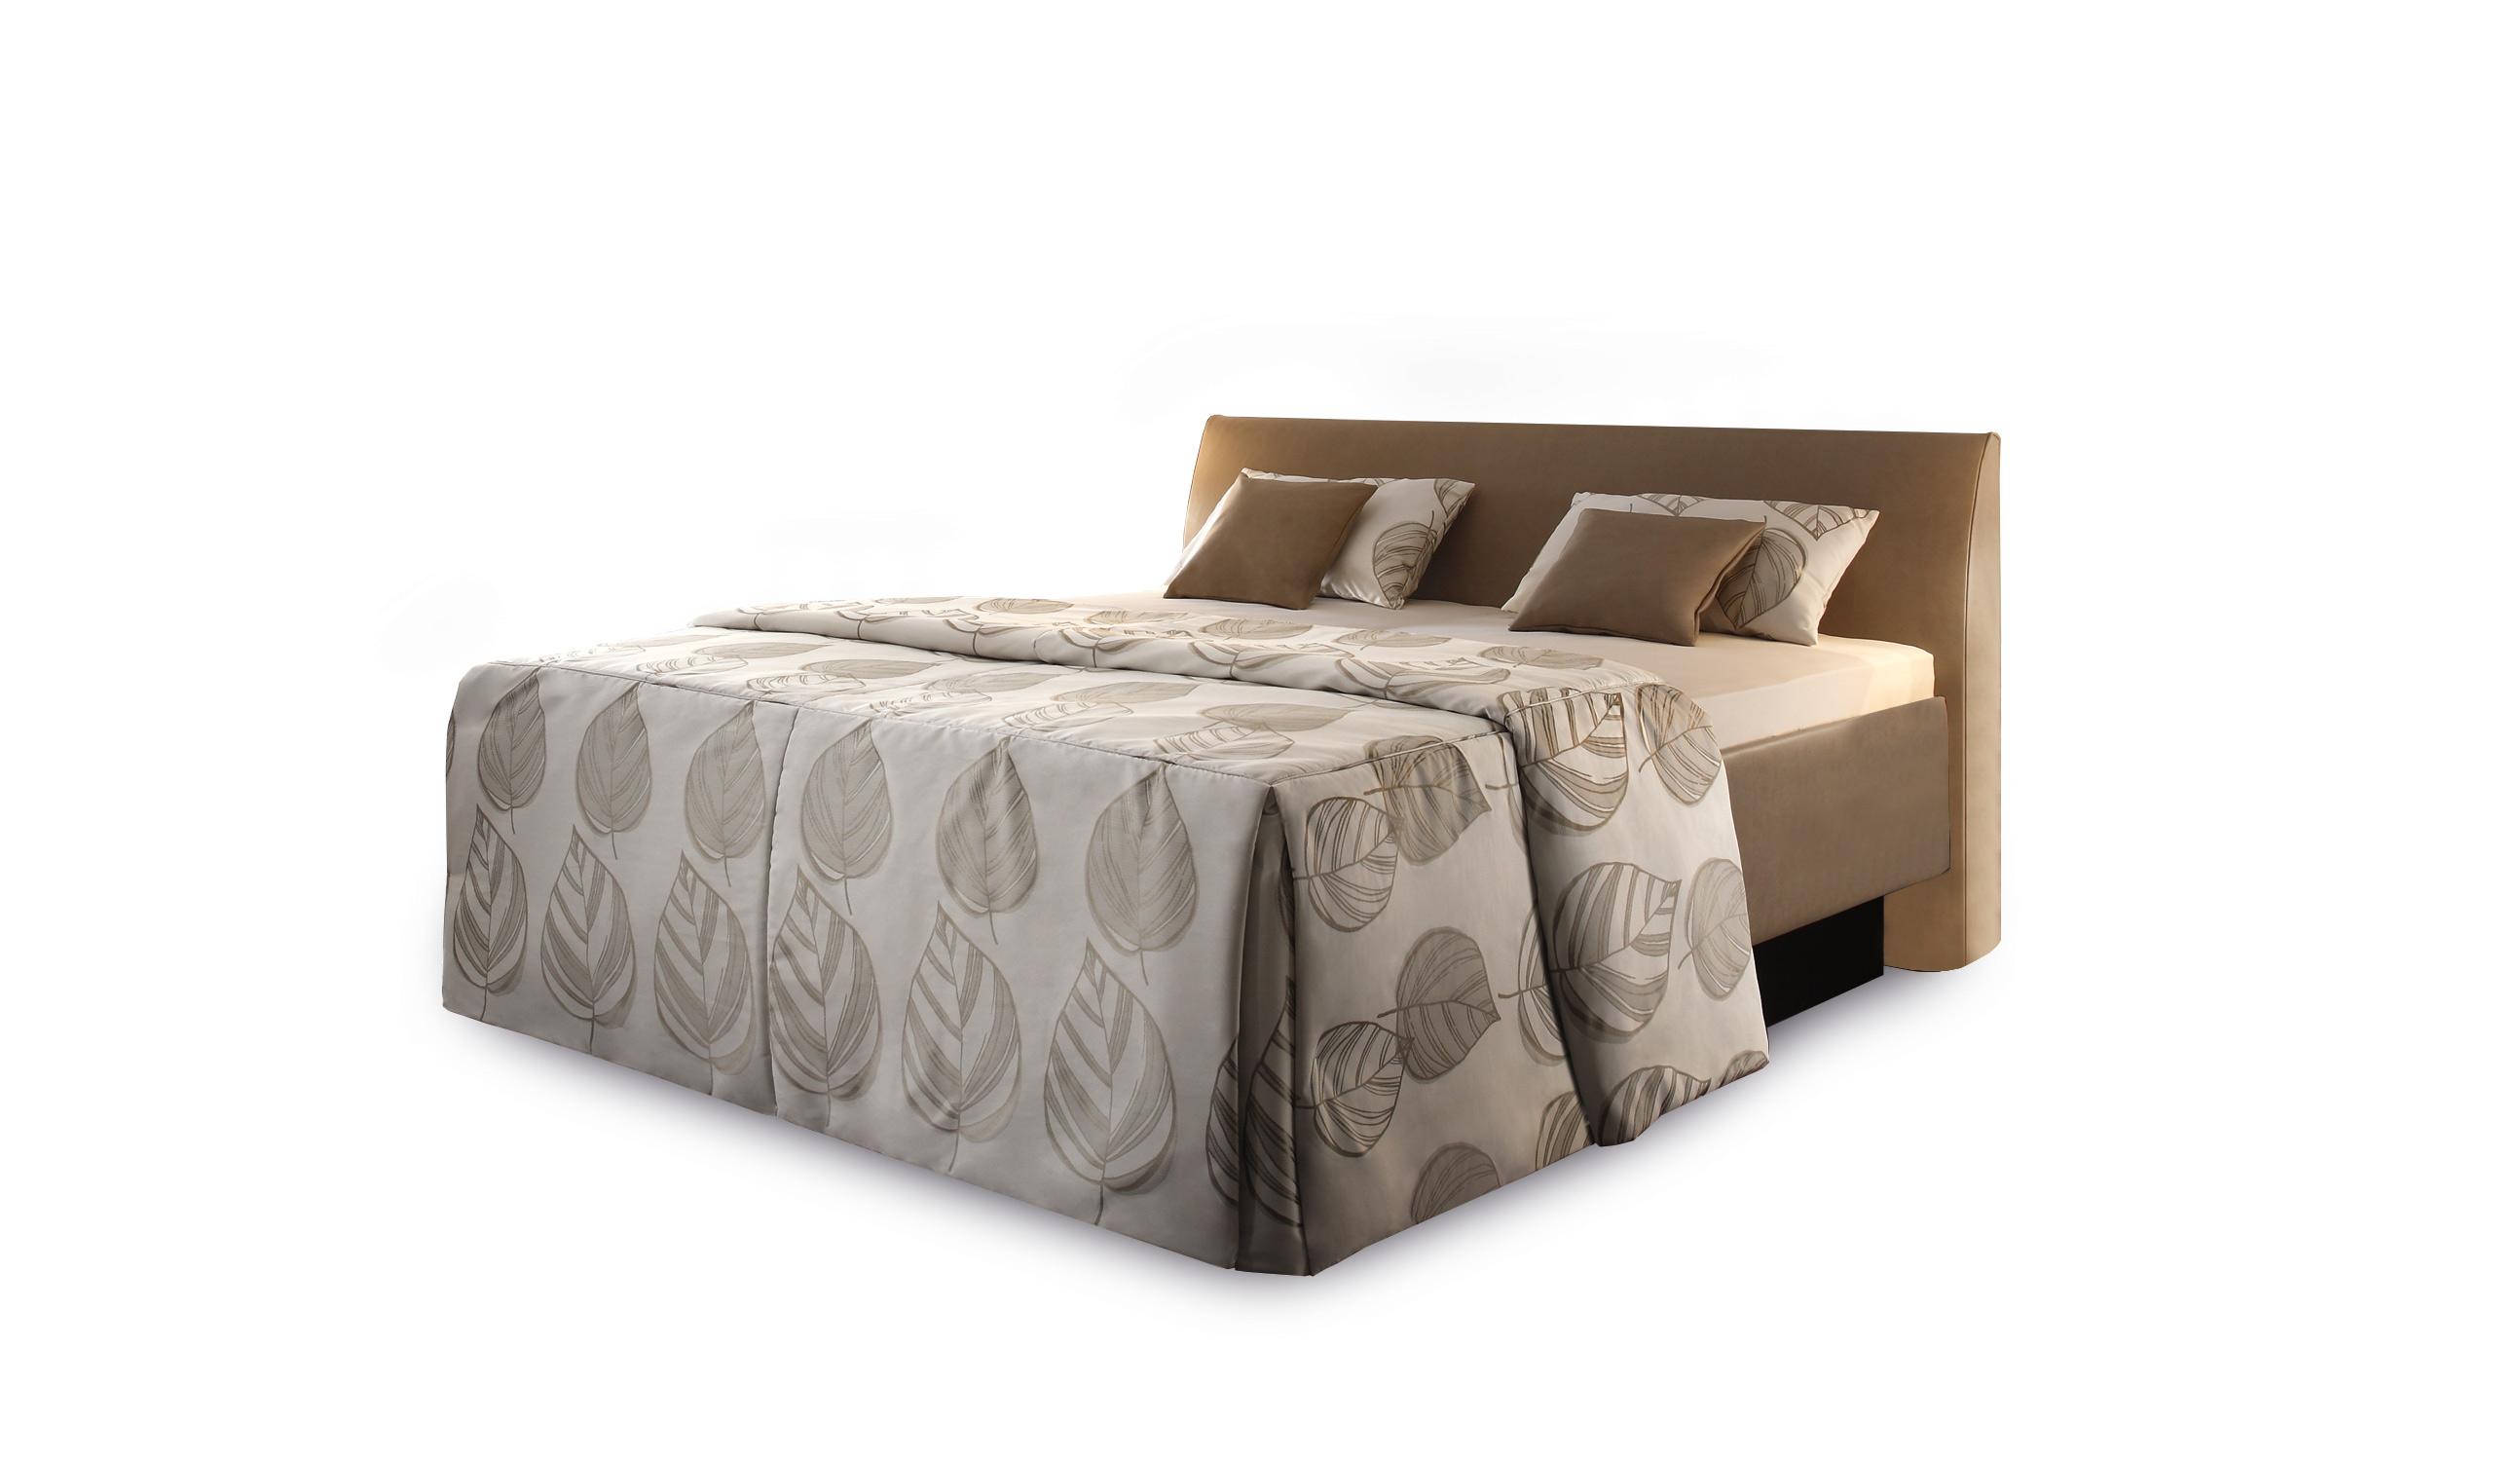 ruf emilia polsterbett in einem braunen kunstlederbezug m bel letz ihr online shop. Black Bedroom Furniture Sets. Home Design Ideas